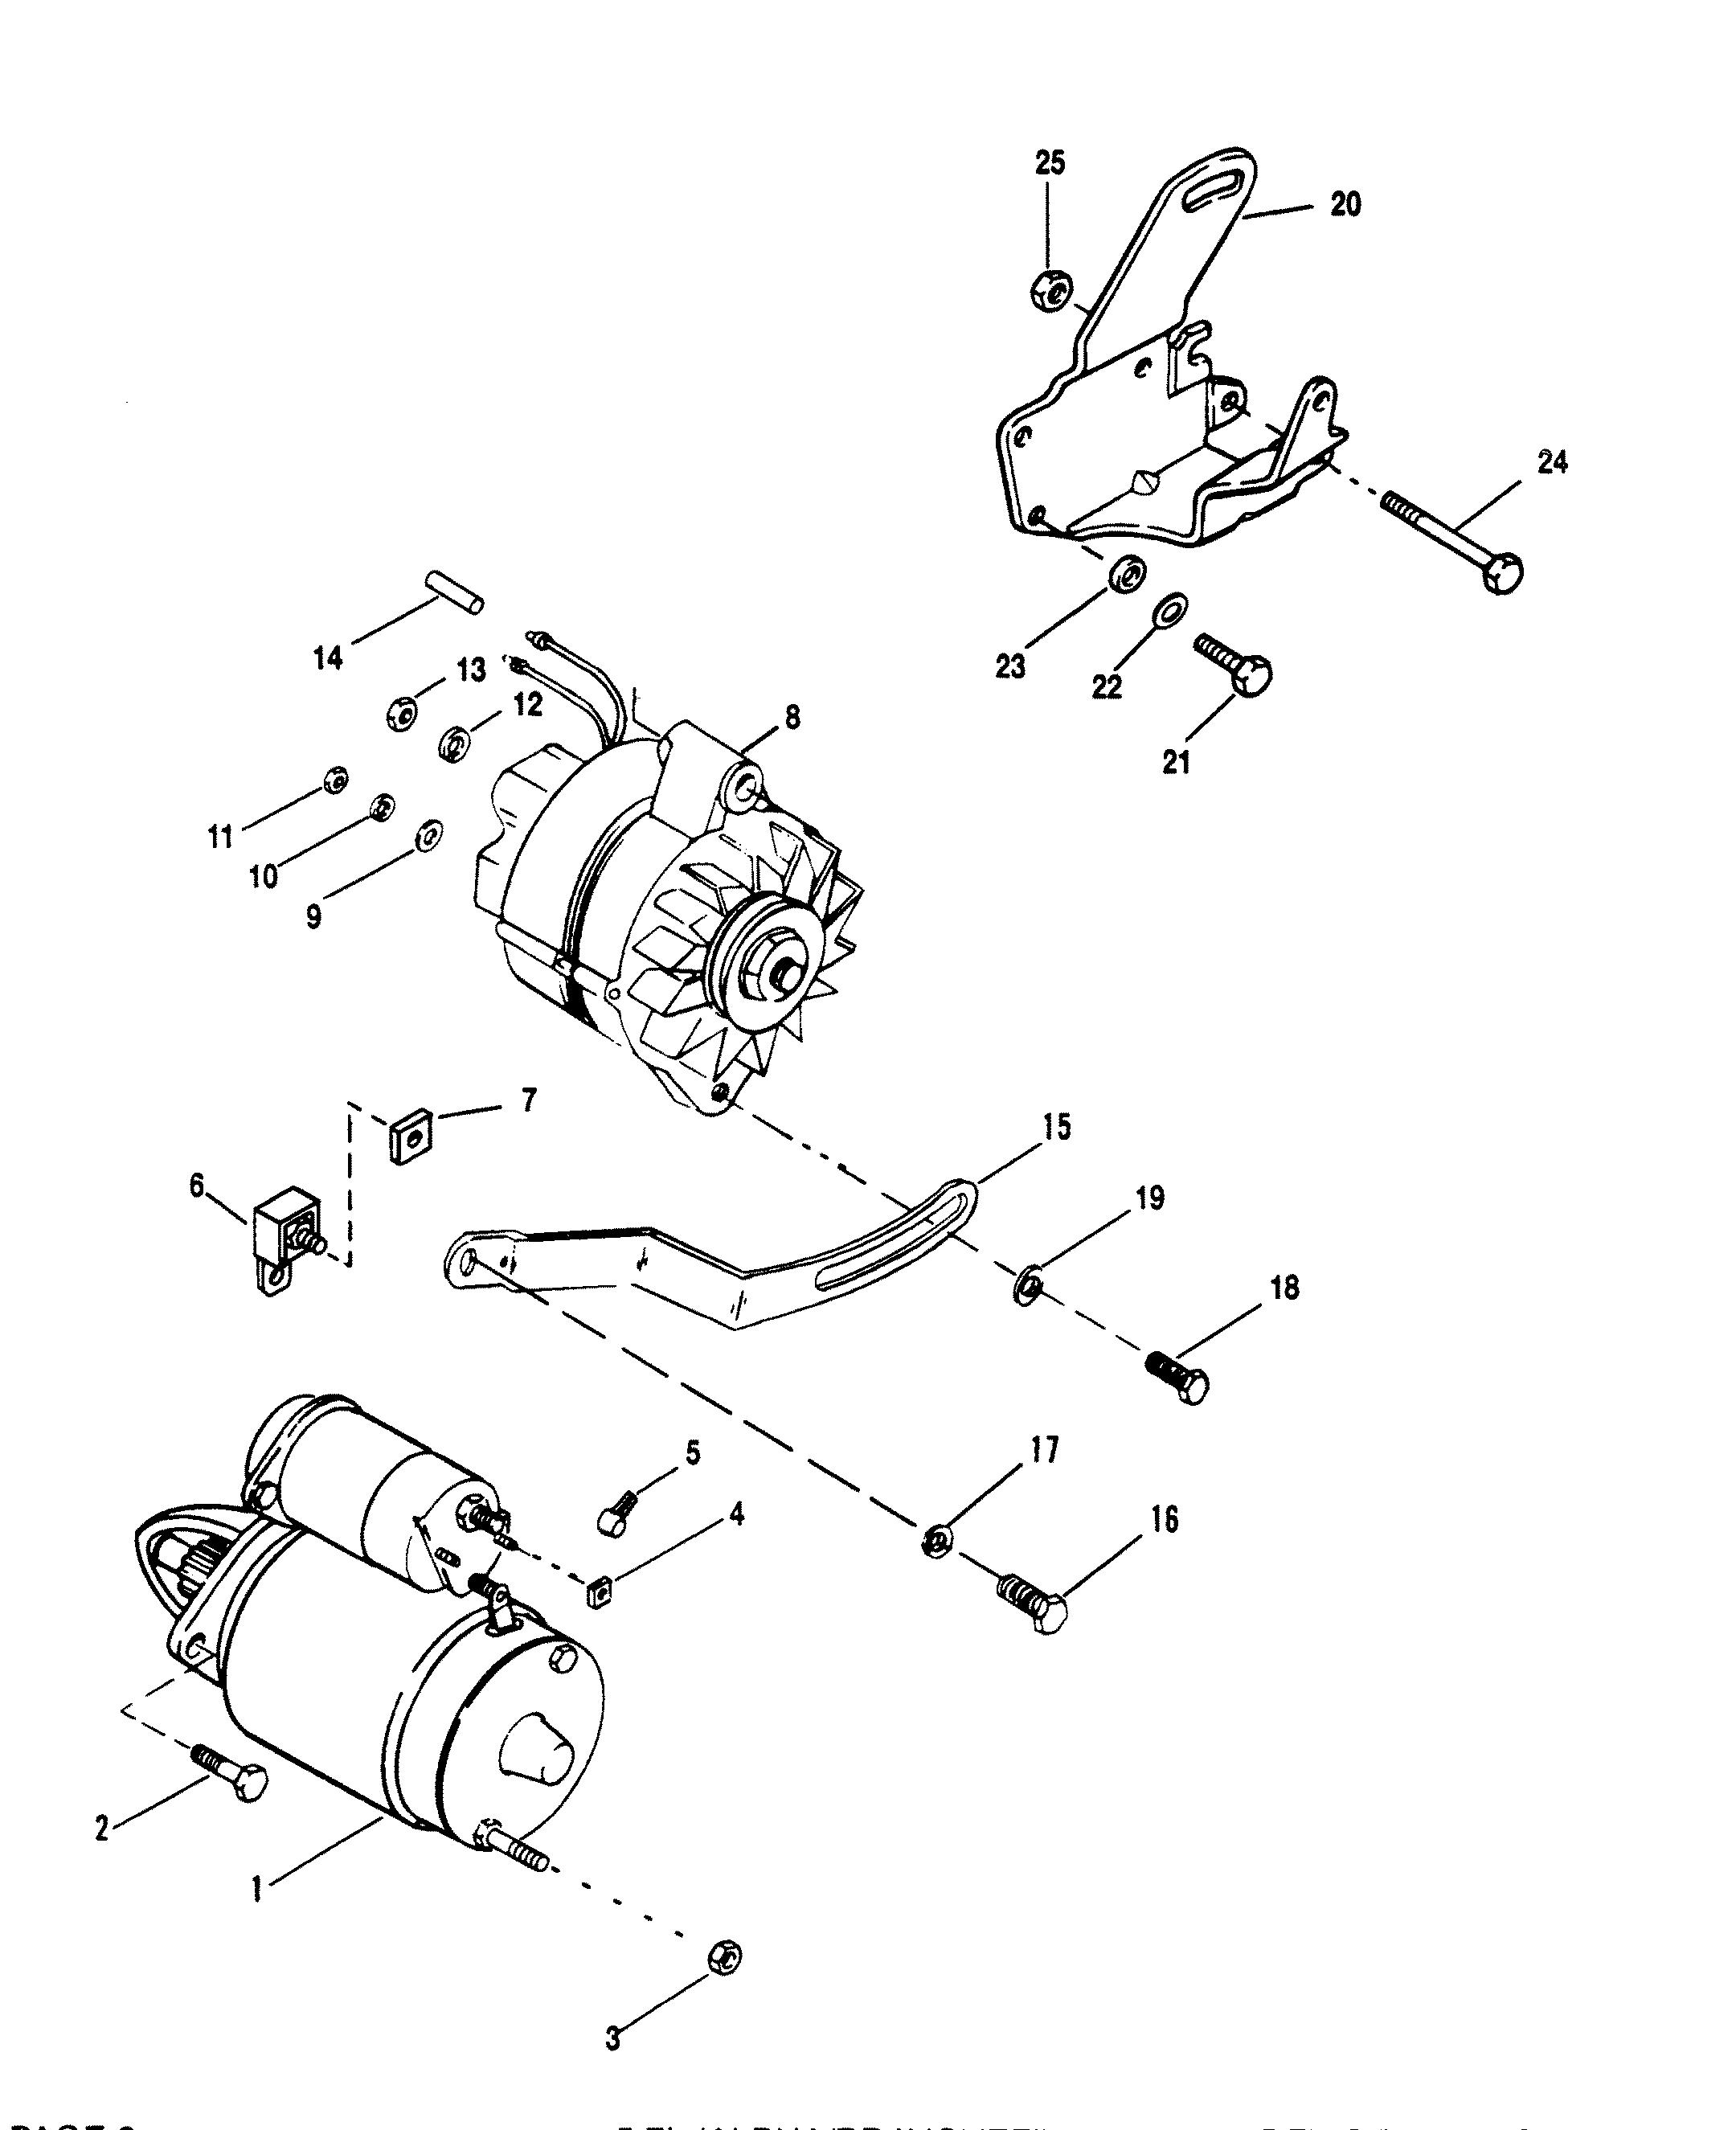 3 0 mercruiser wiring diagram wiring diagrams mashups mercruiser 454 starter wiring diagram asfbconference2016 Images